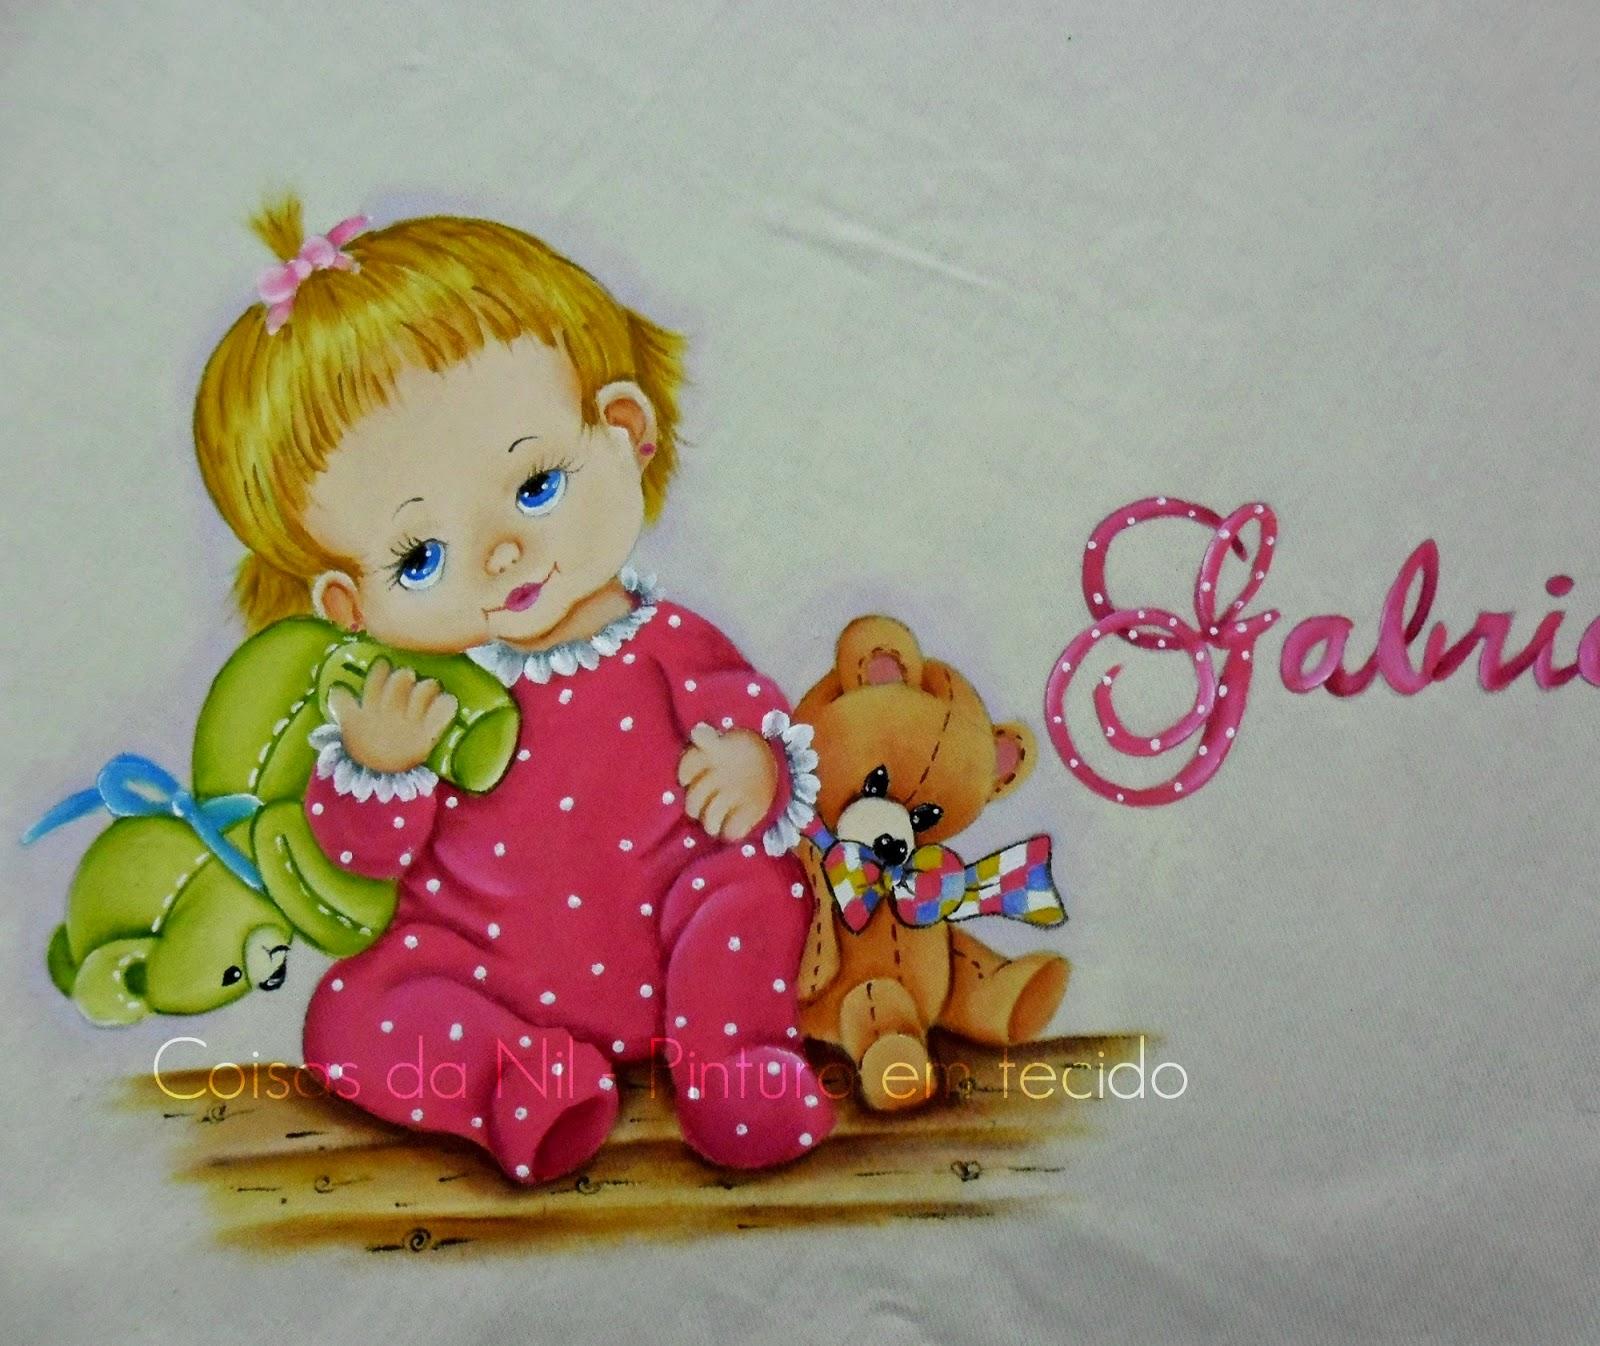 manta com pintura de menininha e ursos de pelucia